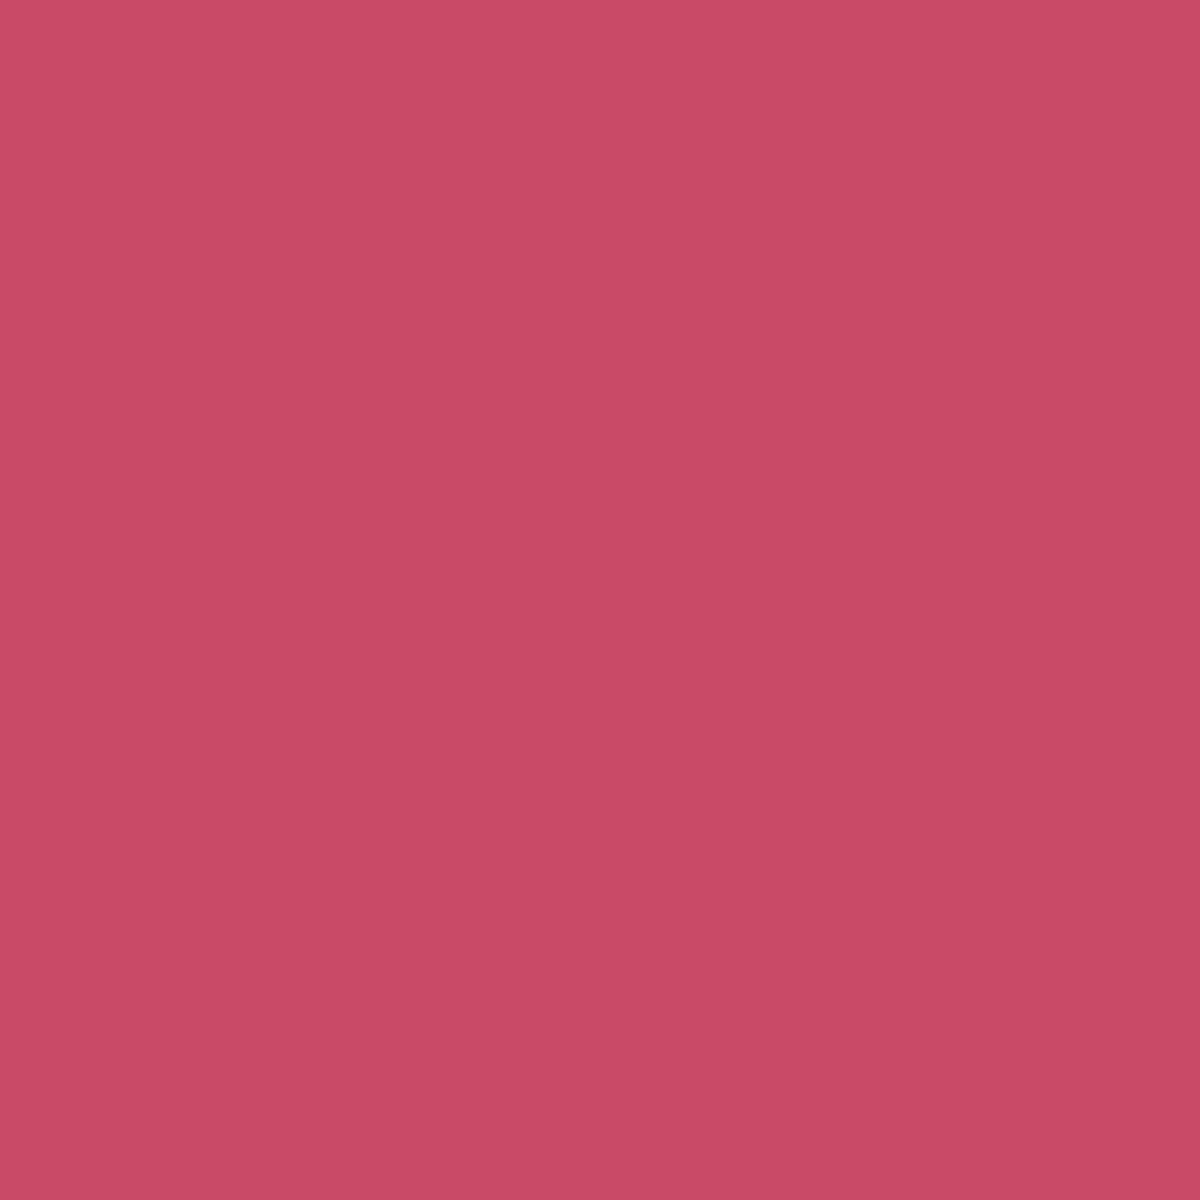 Vopsea lavabilă Chalkboard Rosy Blush, Benjamin Moore, 1 litru / cutie